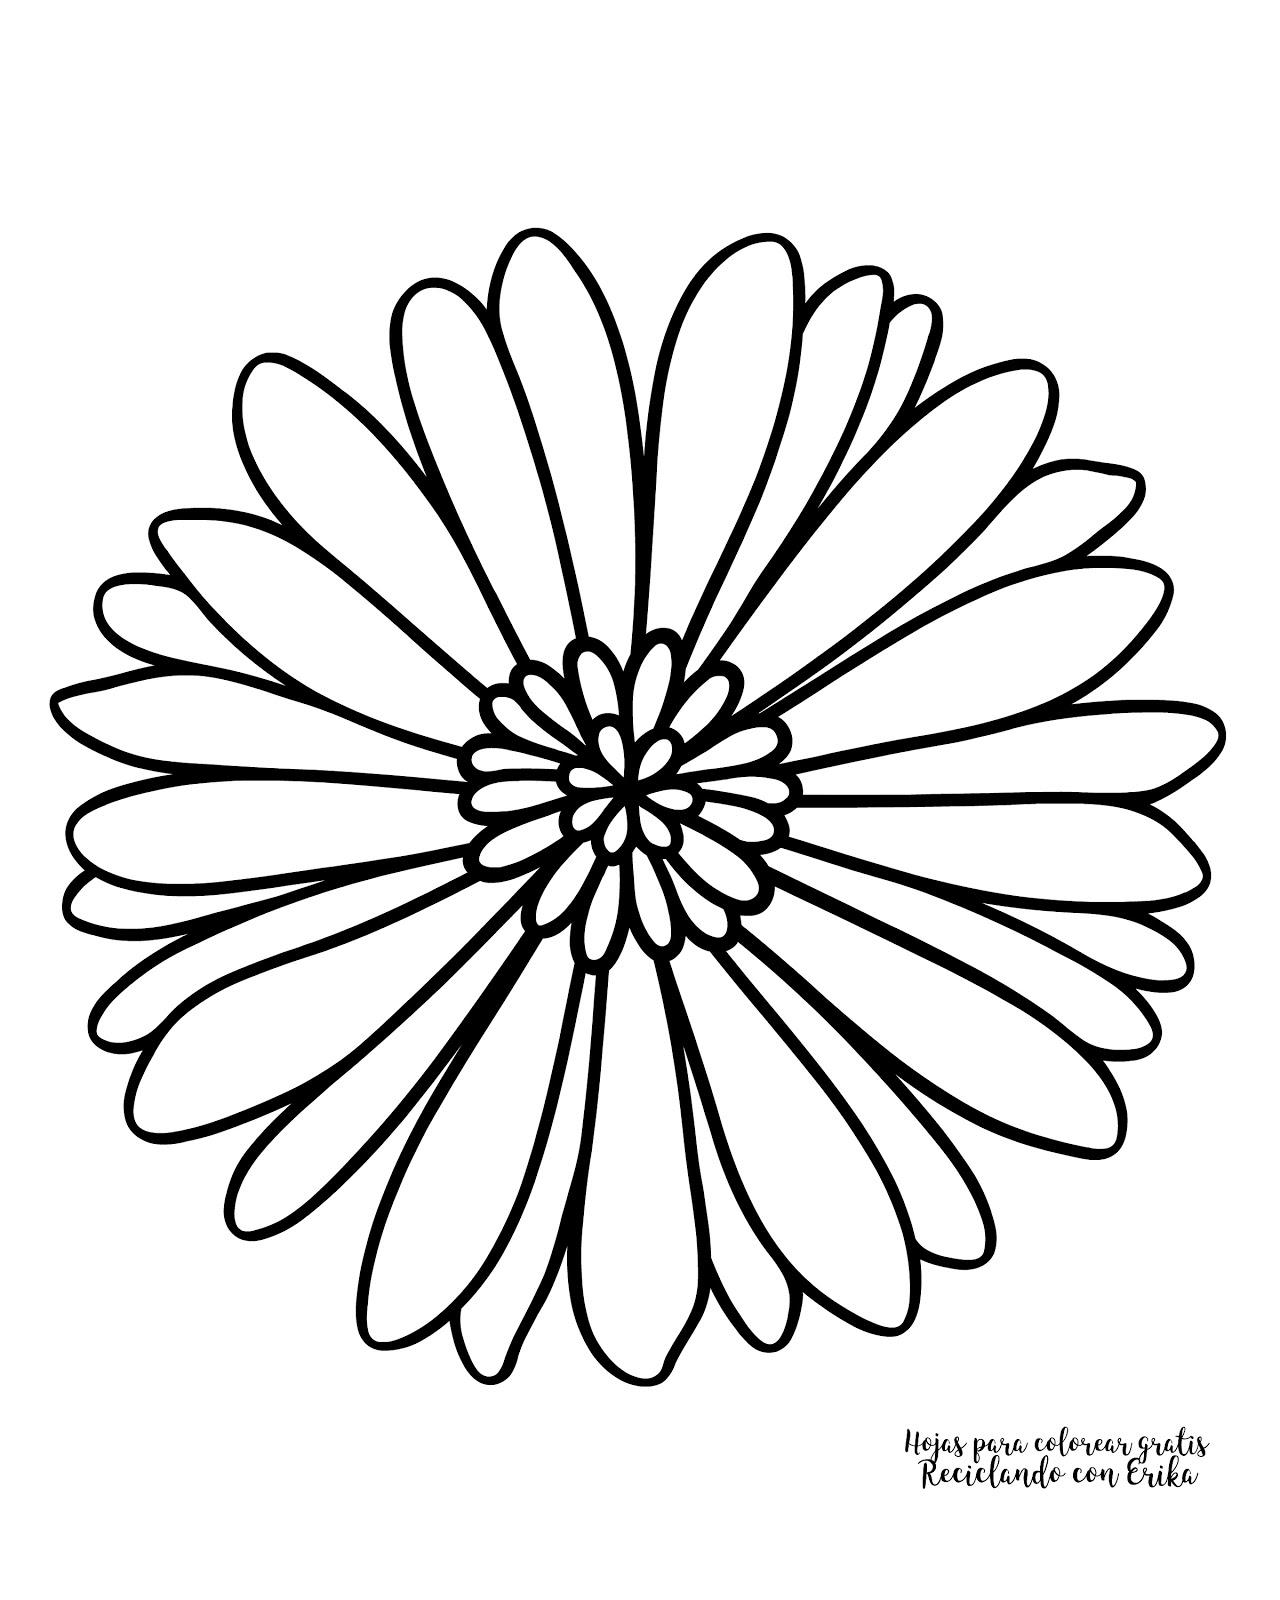 Reciclando con Erika : Hojas para COLOREAR de flores